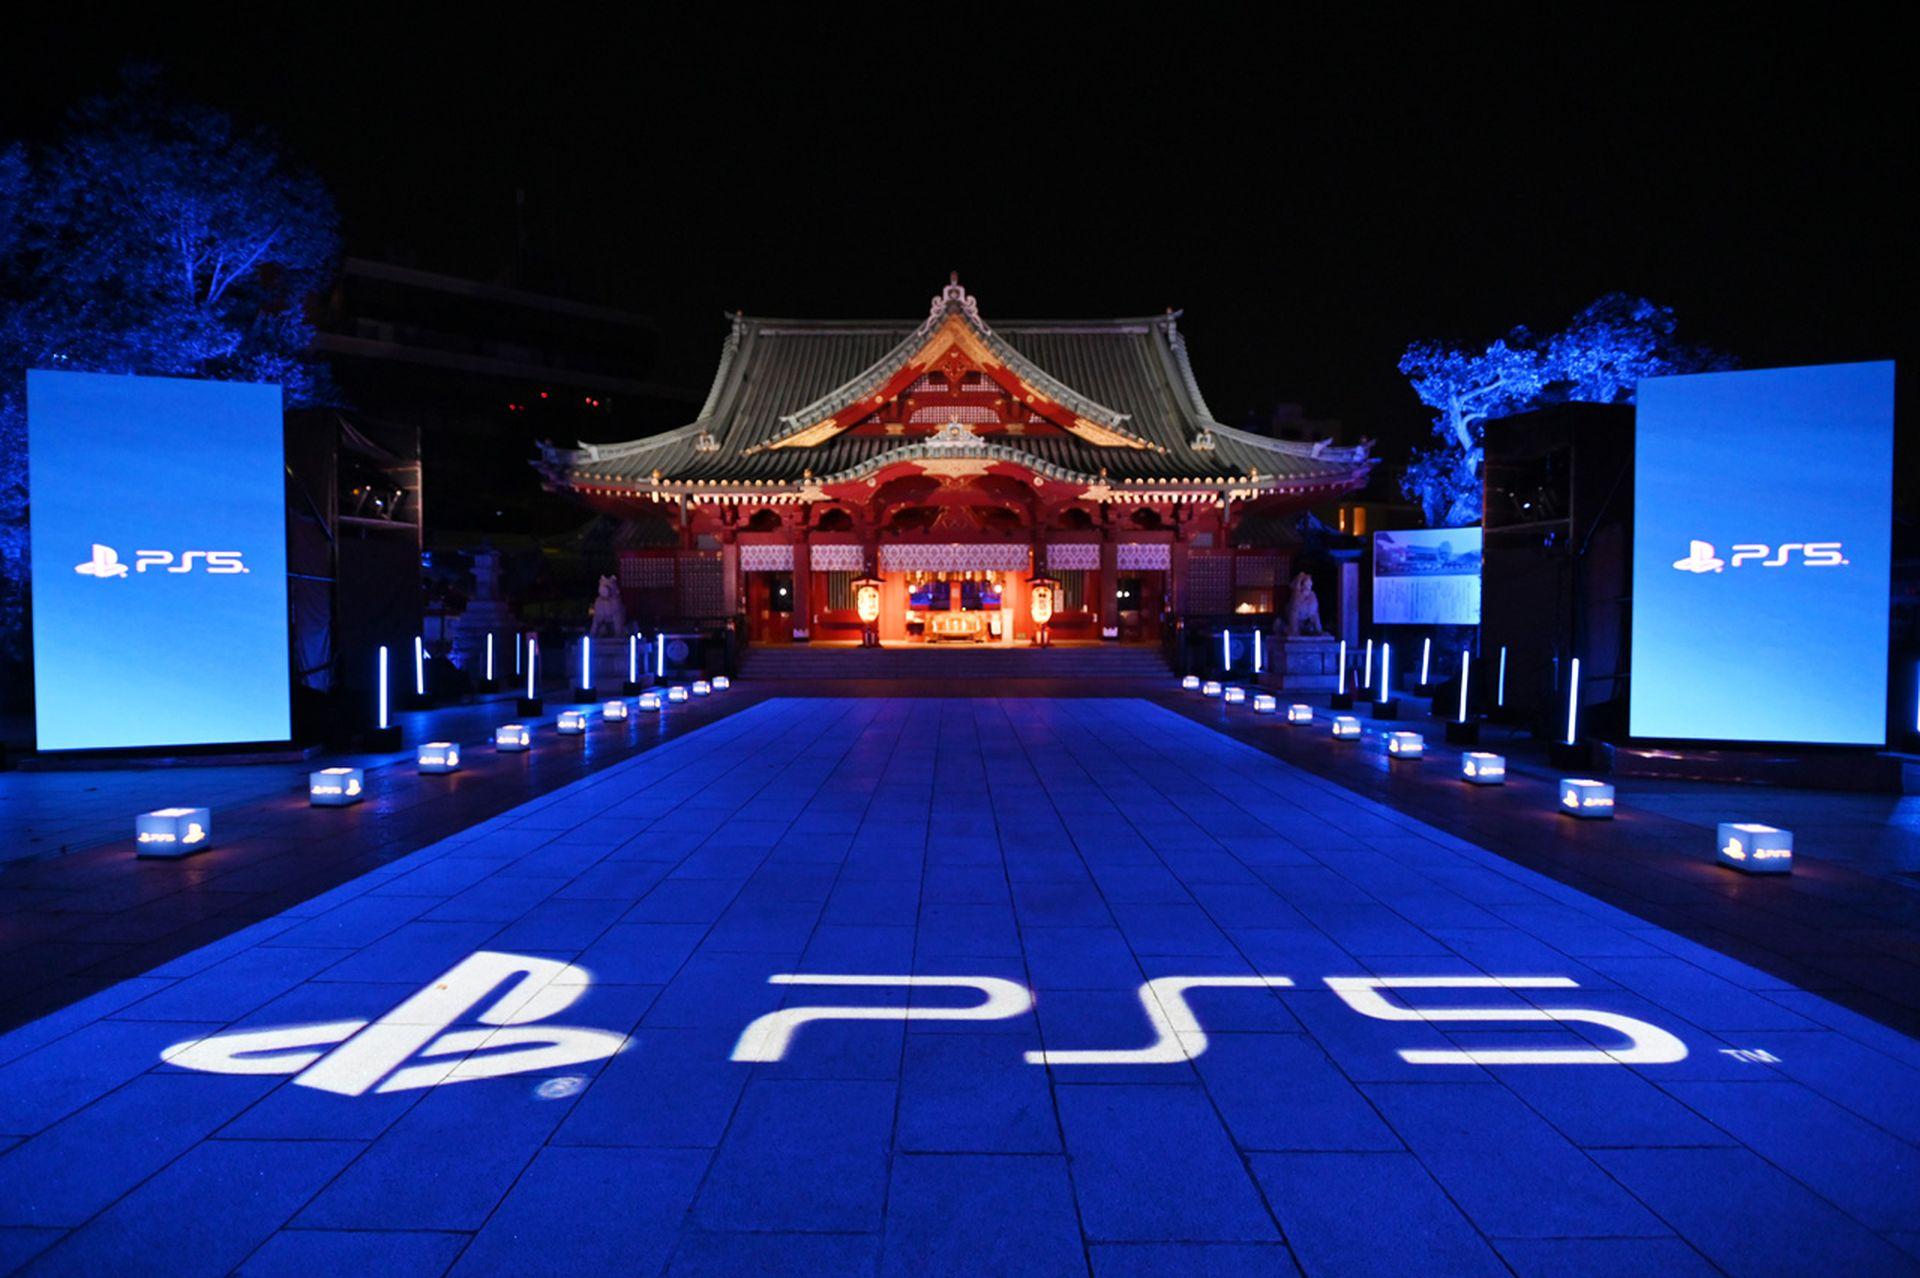 PS5_Kanda Myojin Shrine